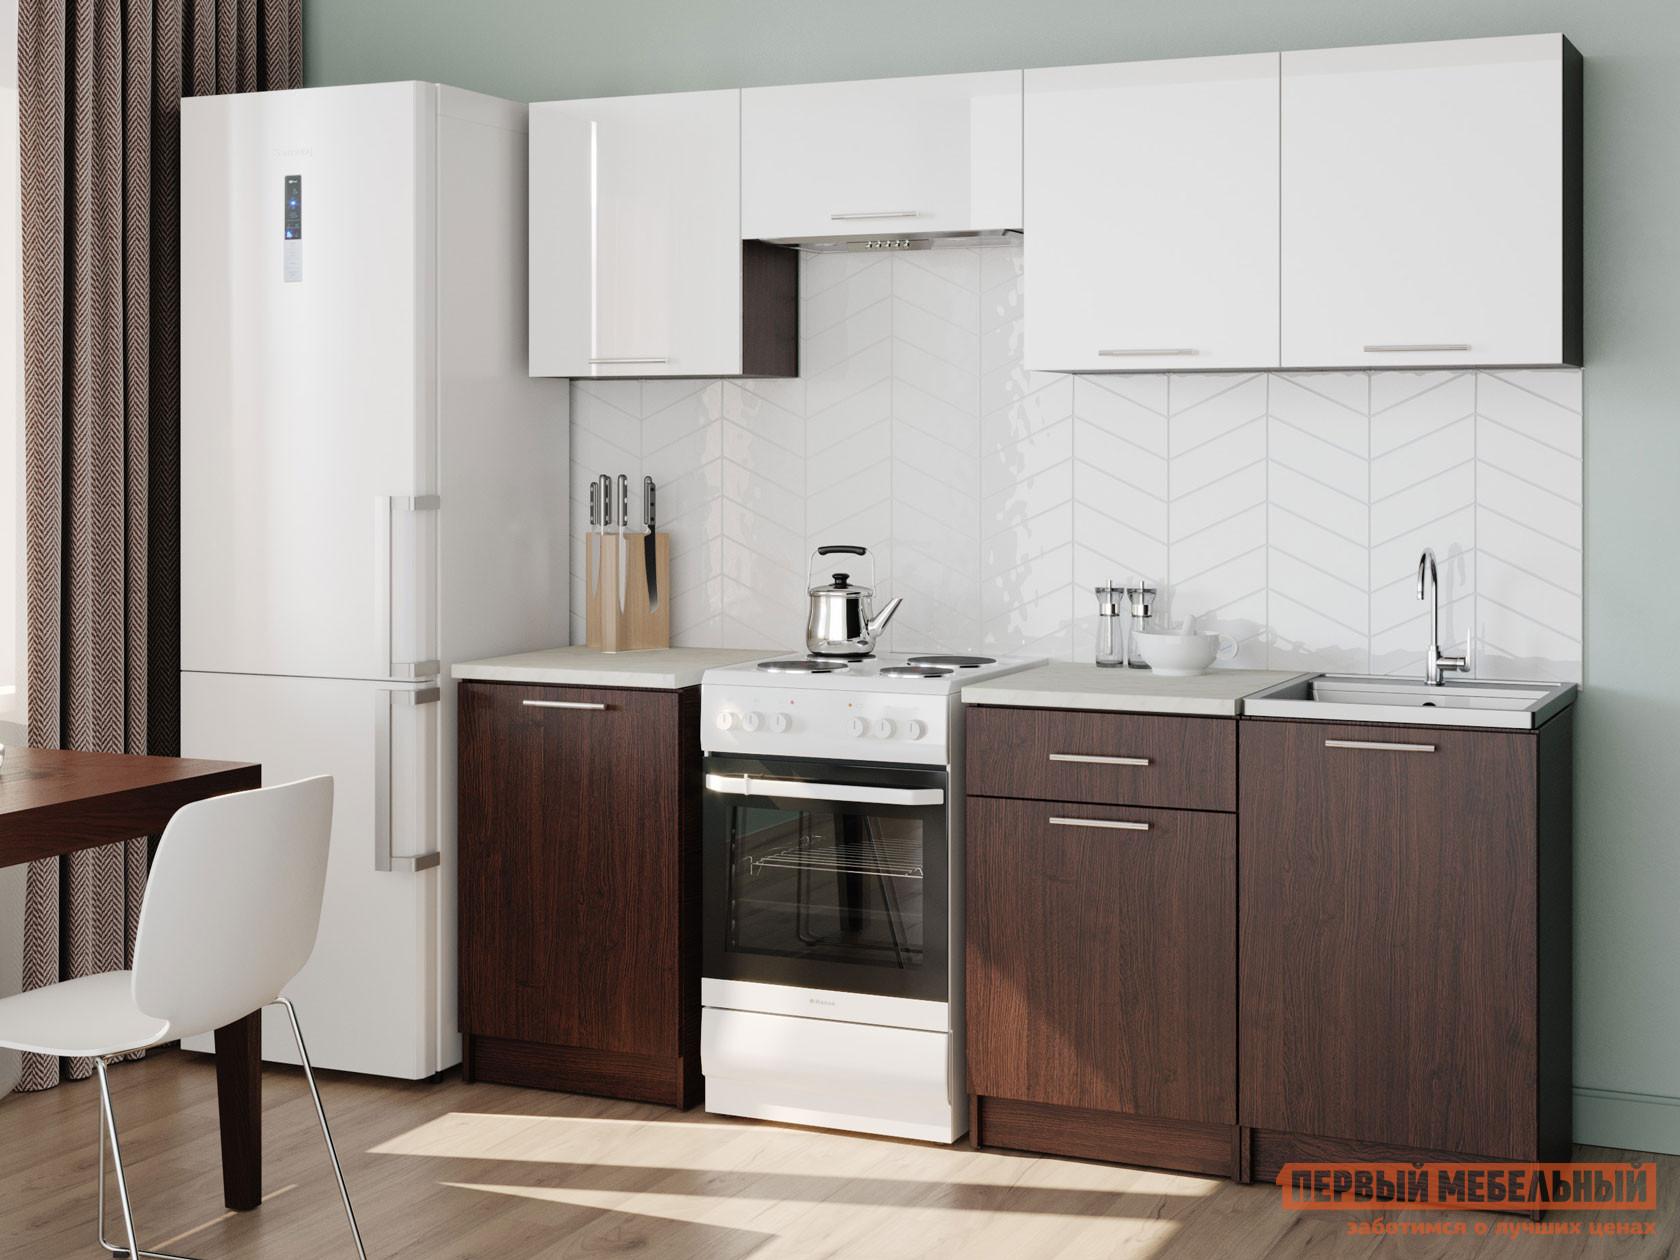 Кухонный гарнитур НК-Мебель Дальма 210 см